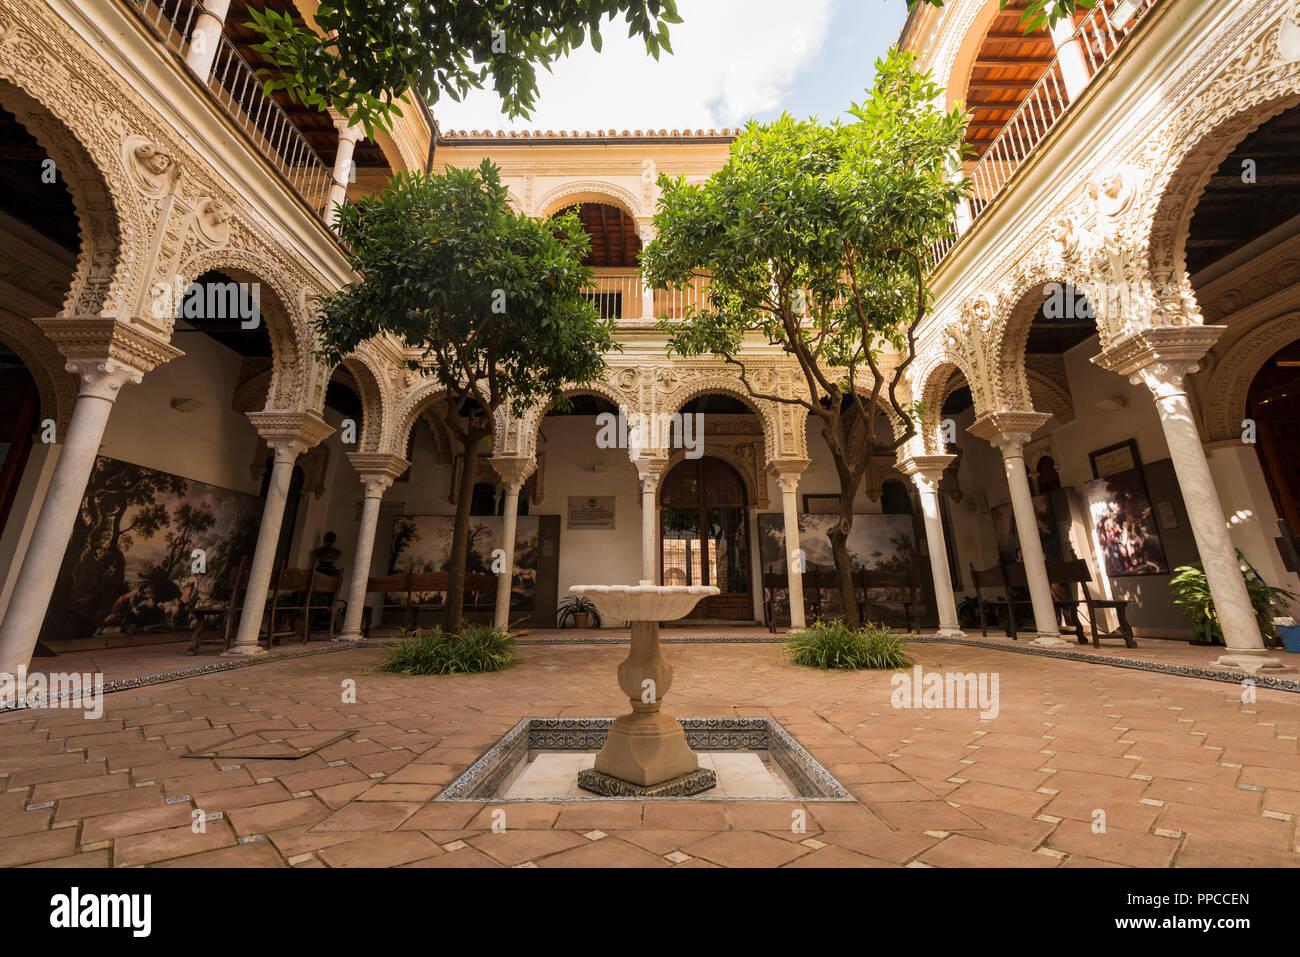 Patio con pórtico, arquitectura árabe, la Casa de los Pinelo, Andalucía, España Imagen De Stock